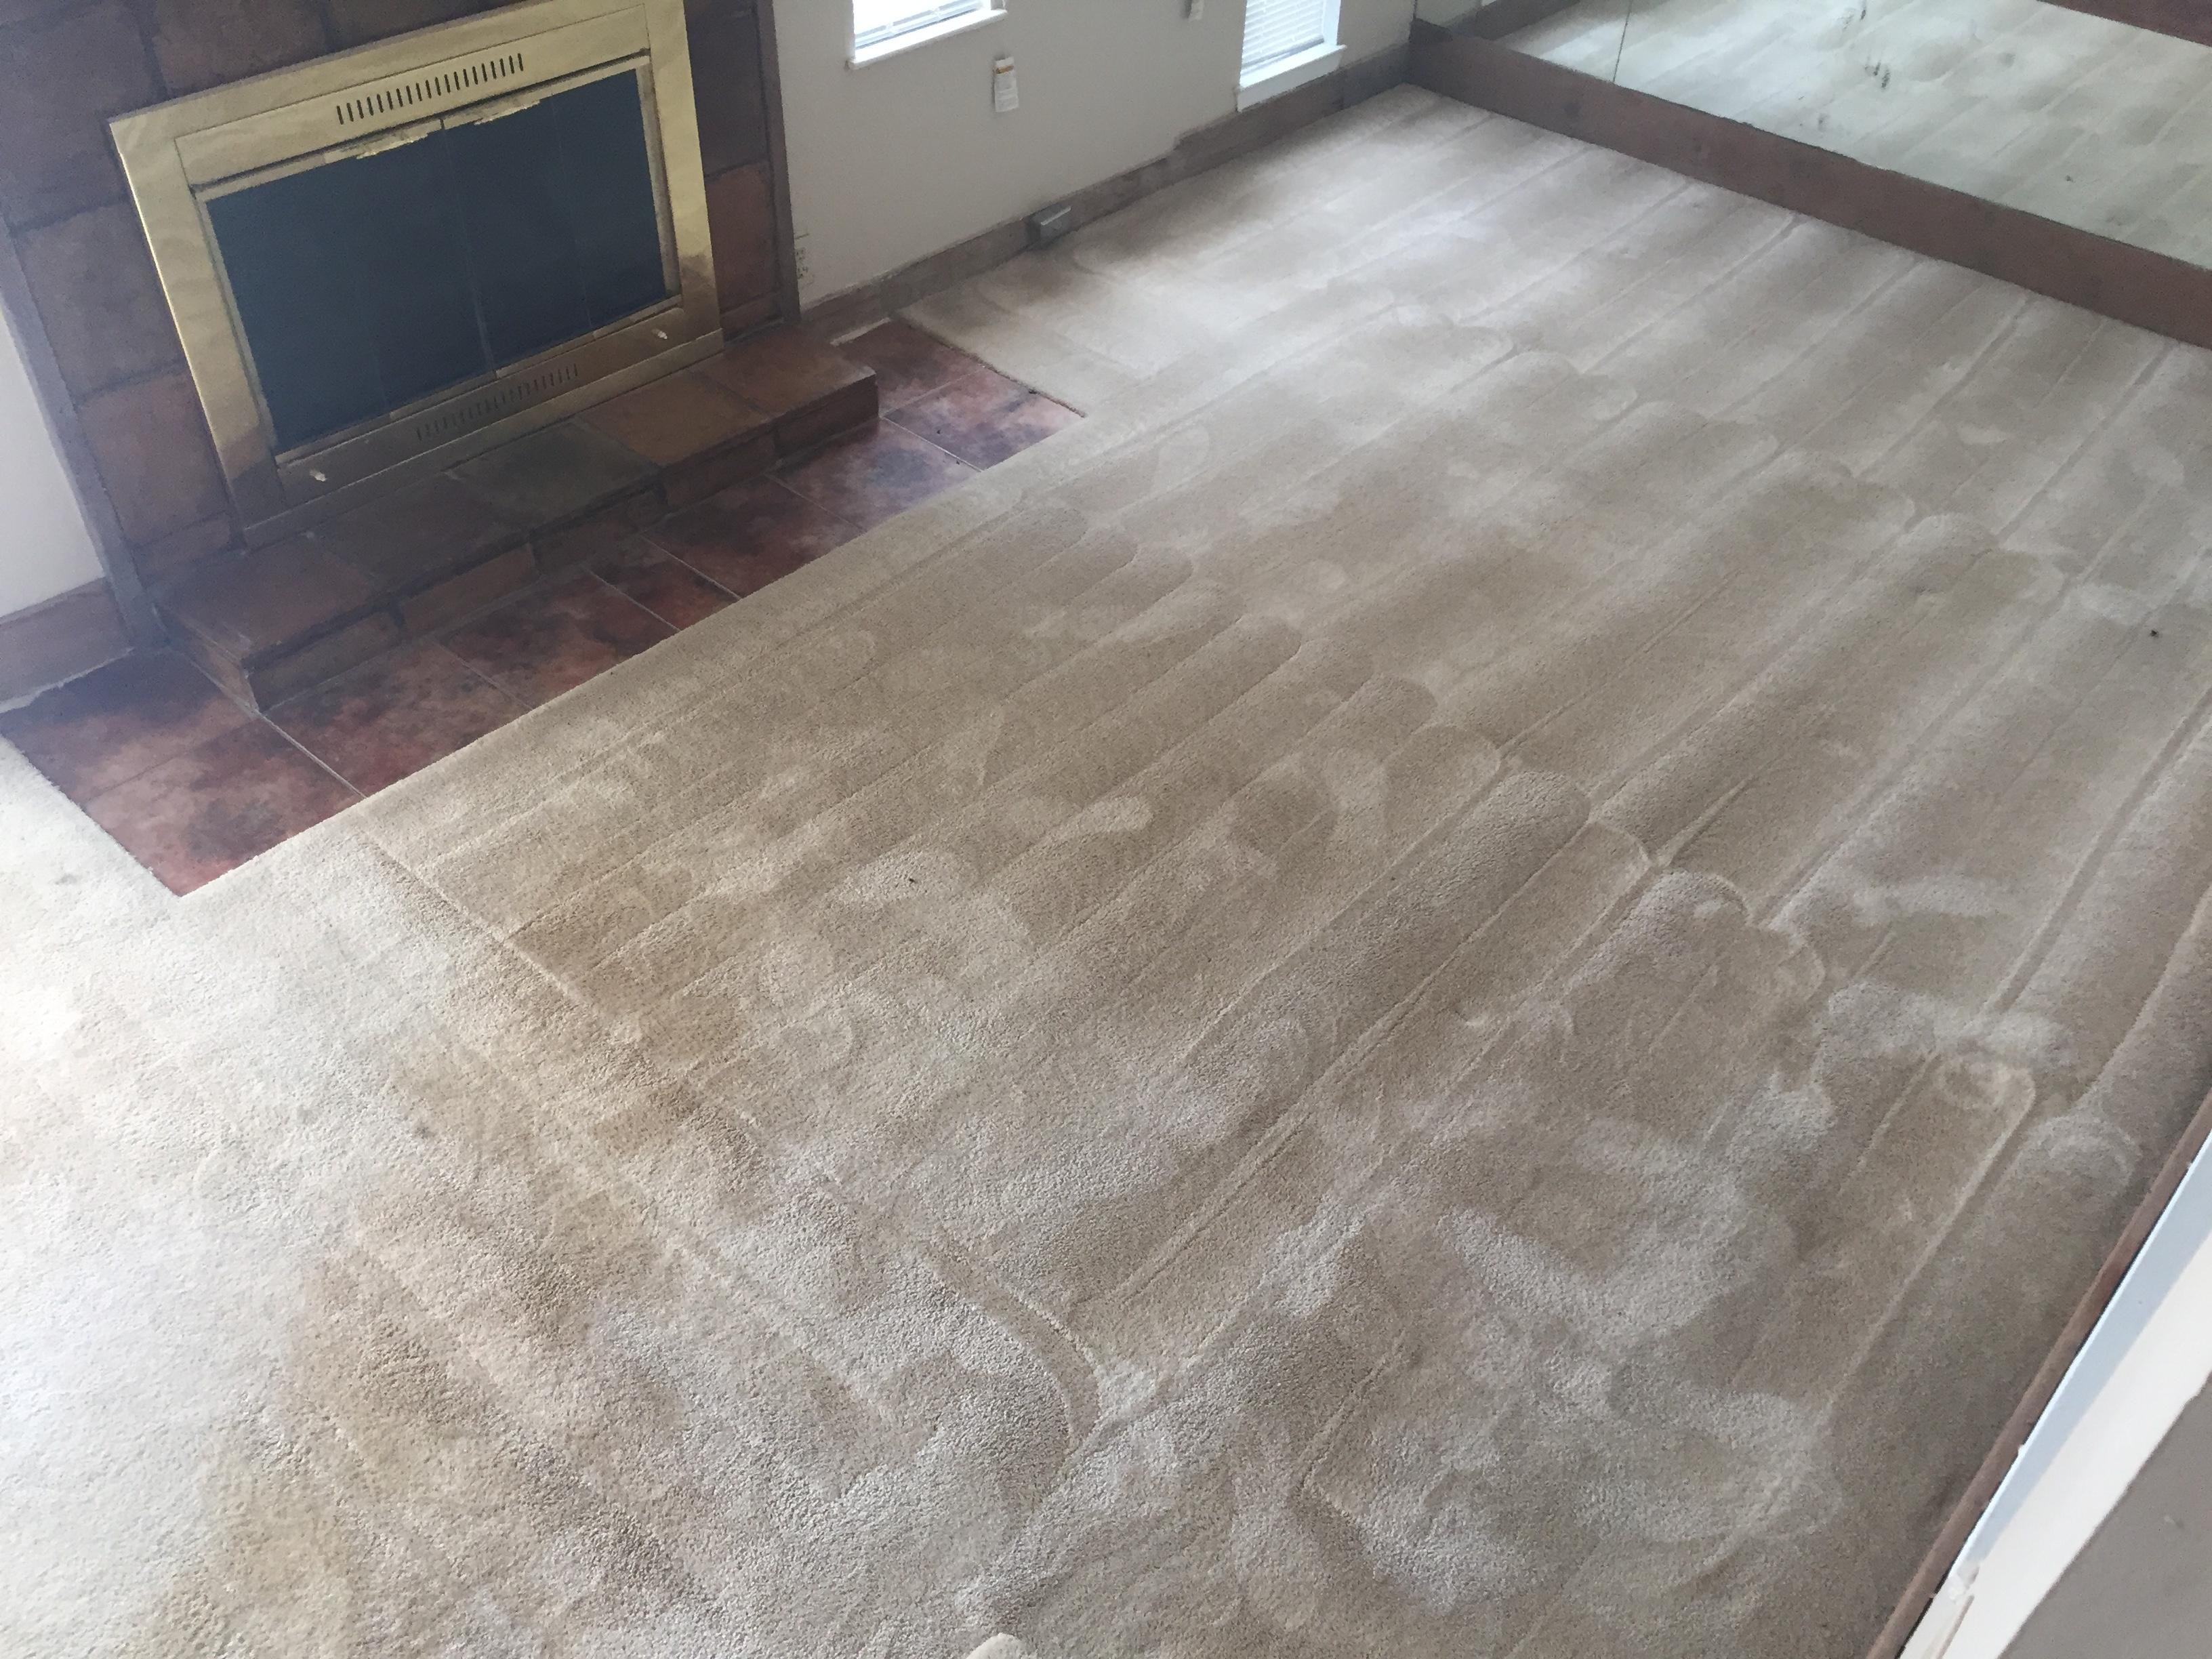 Harley color carpet tiles - 8171 Harley Square